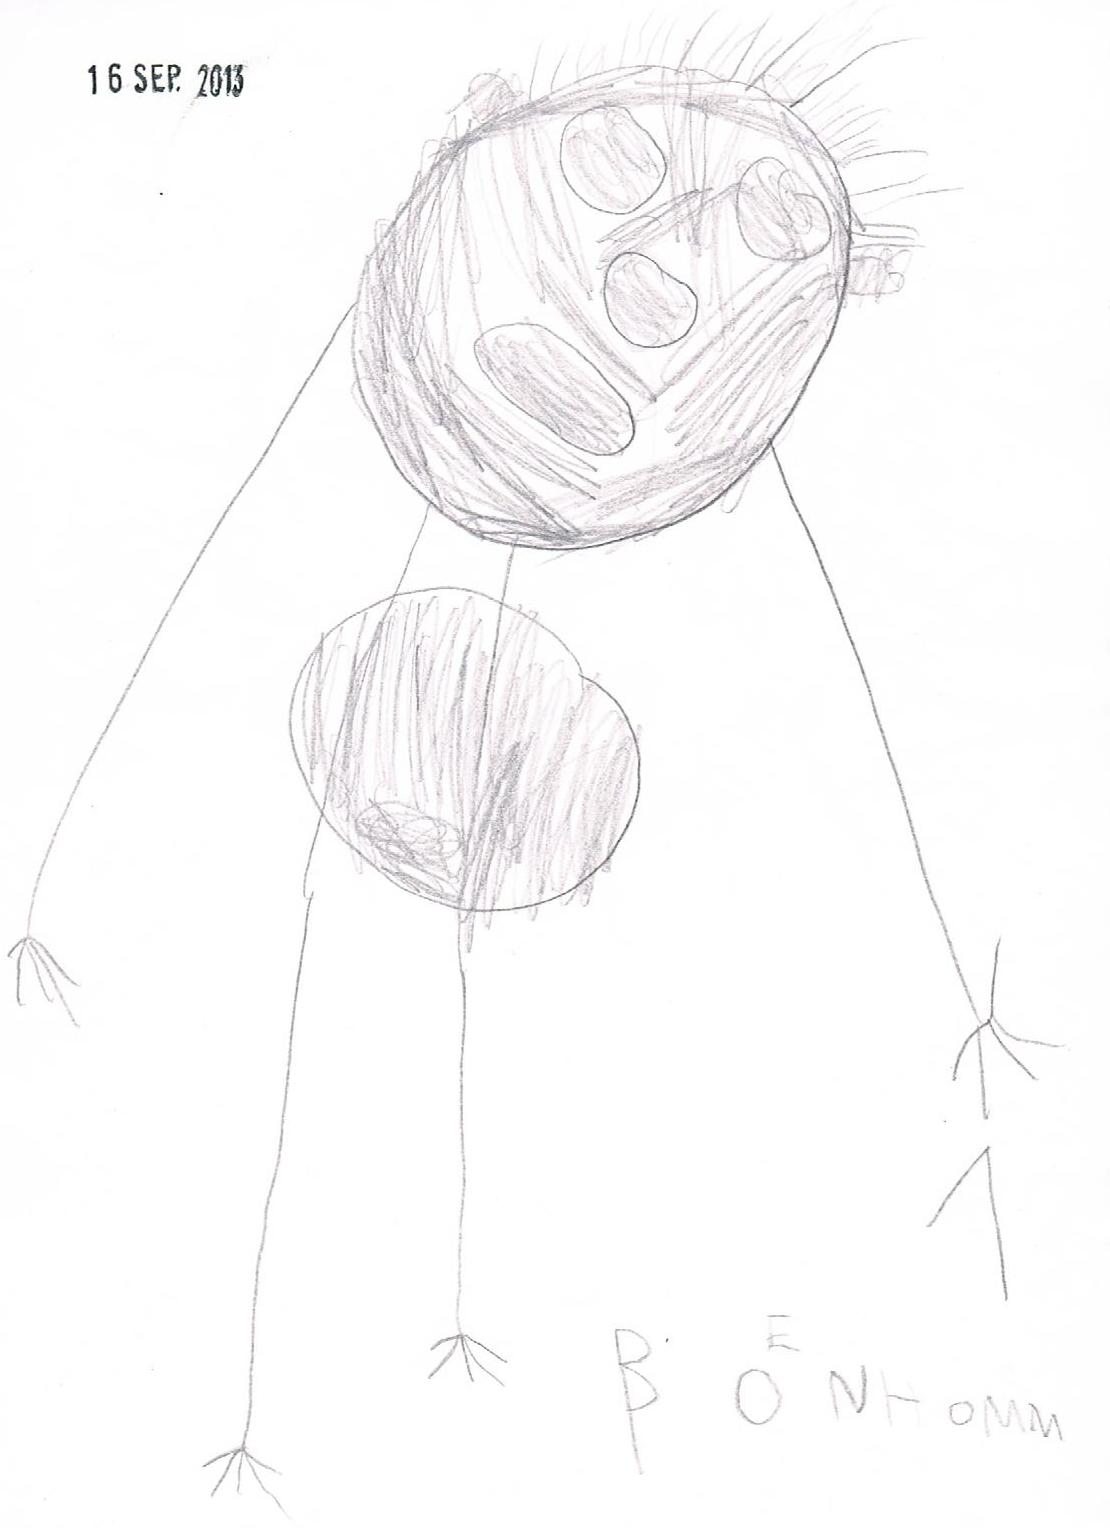 Le dessin du bonhomme septembre 2013 ecole maternelle - Le dessin du bonhomme ...